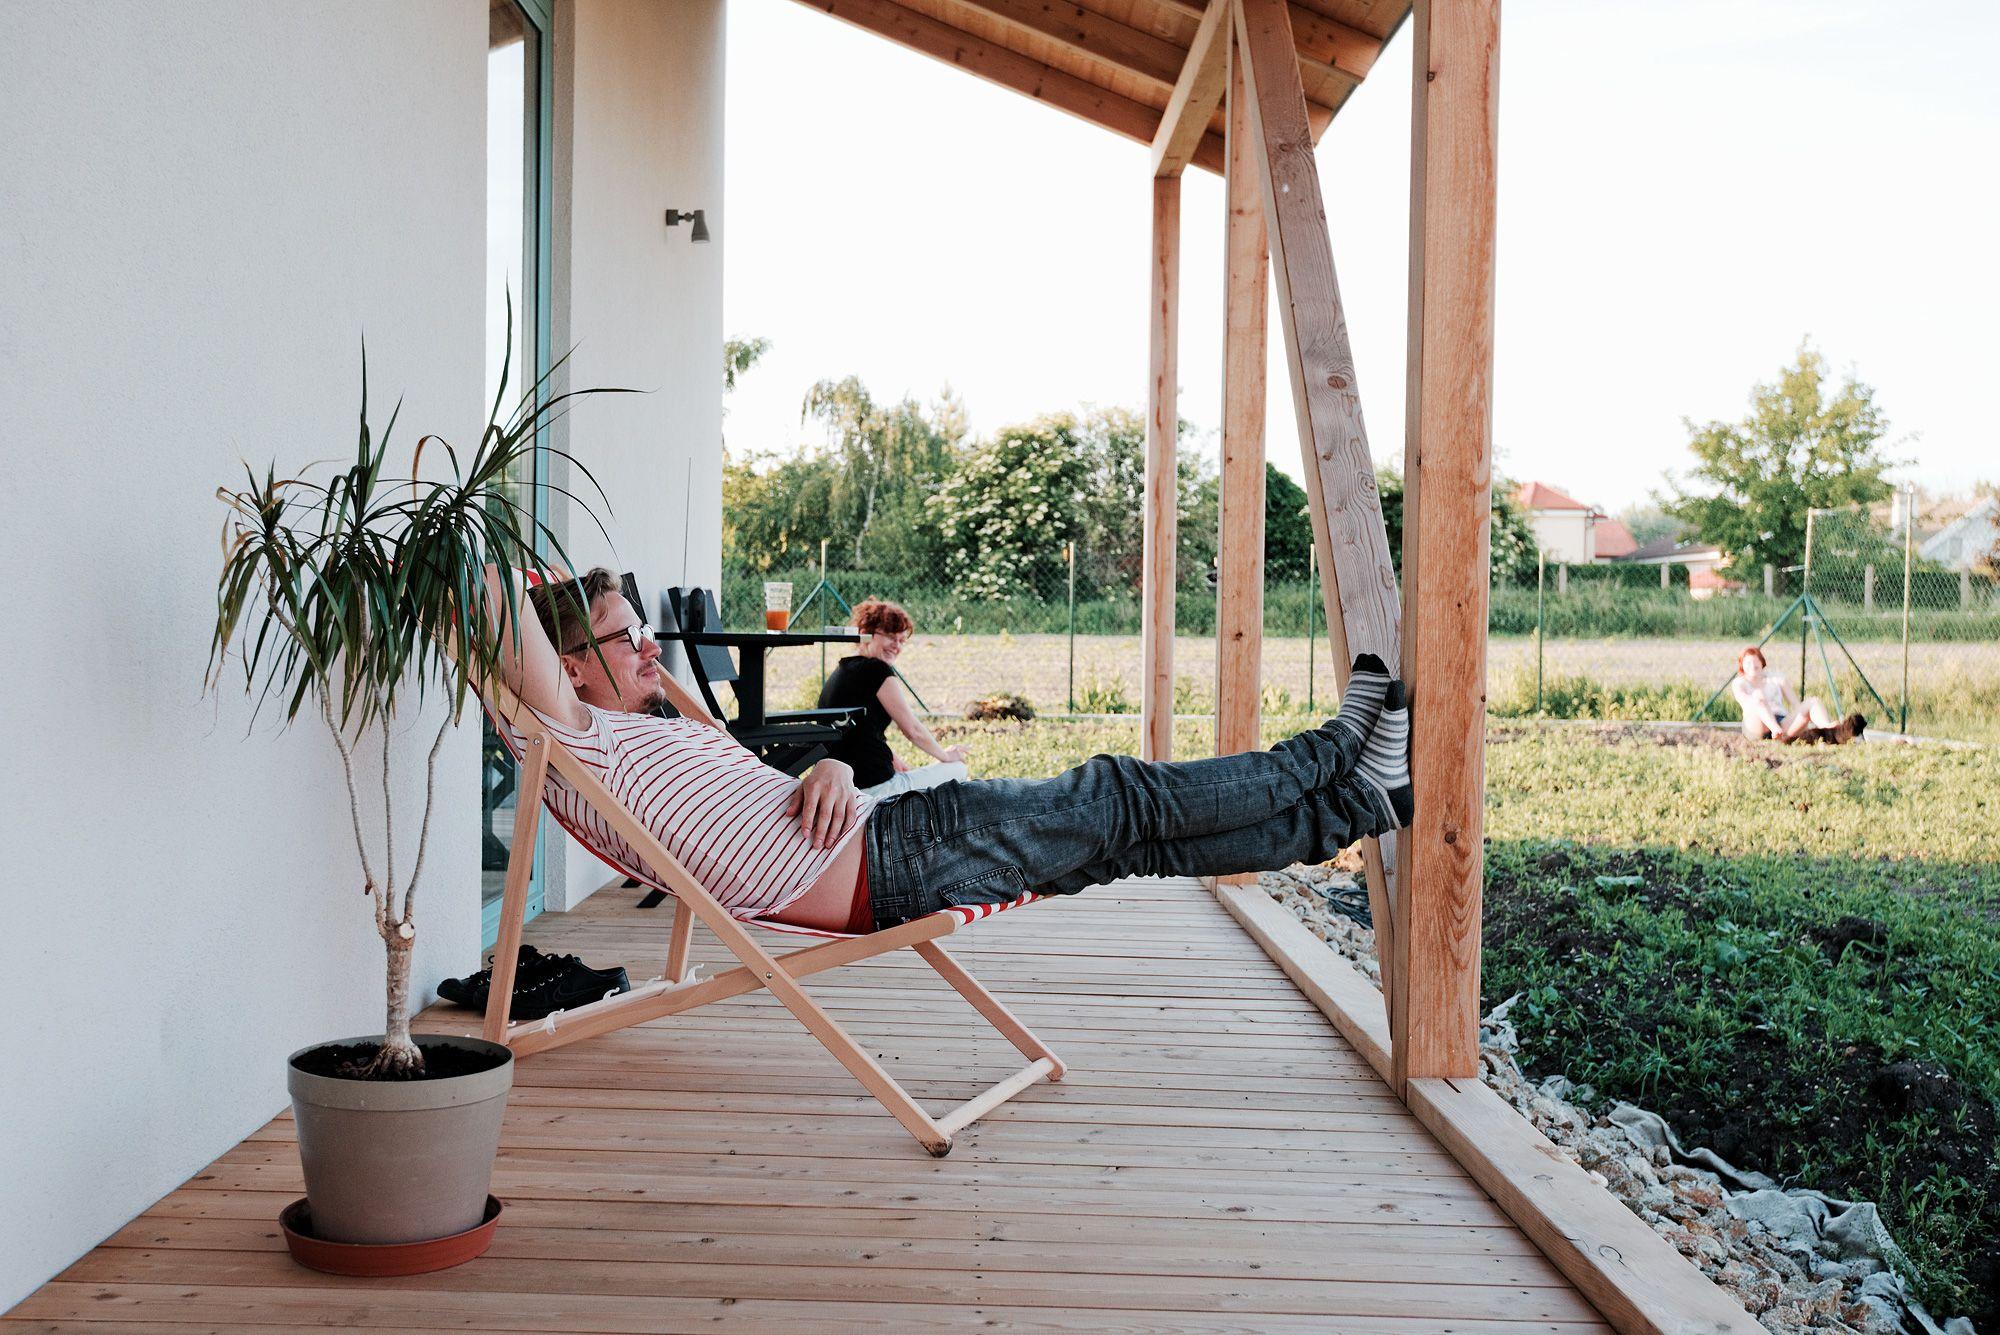 Jednoduché zadanie: chcem bývať v malom dome na malom pozemku za rozumné náklady. Budget je 75.000€. V hlave mi stále rezonuje spomienka na leto a vidiek.. Dá sa recyklovať typológia, tvaroslovie či dekor slovenskej ľudovej architektúry...